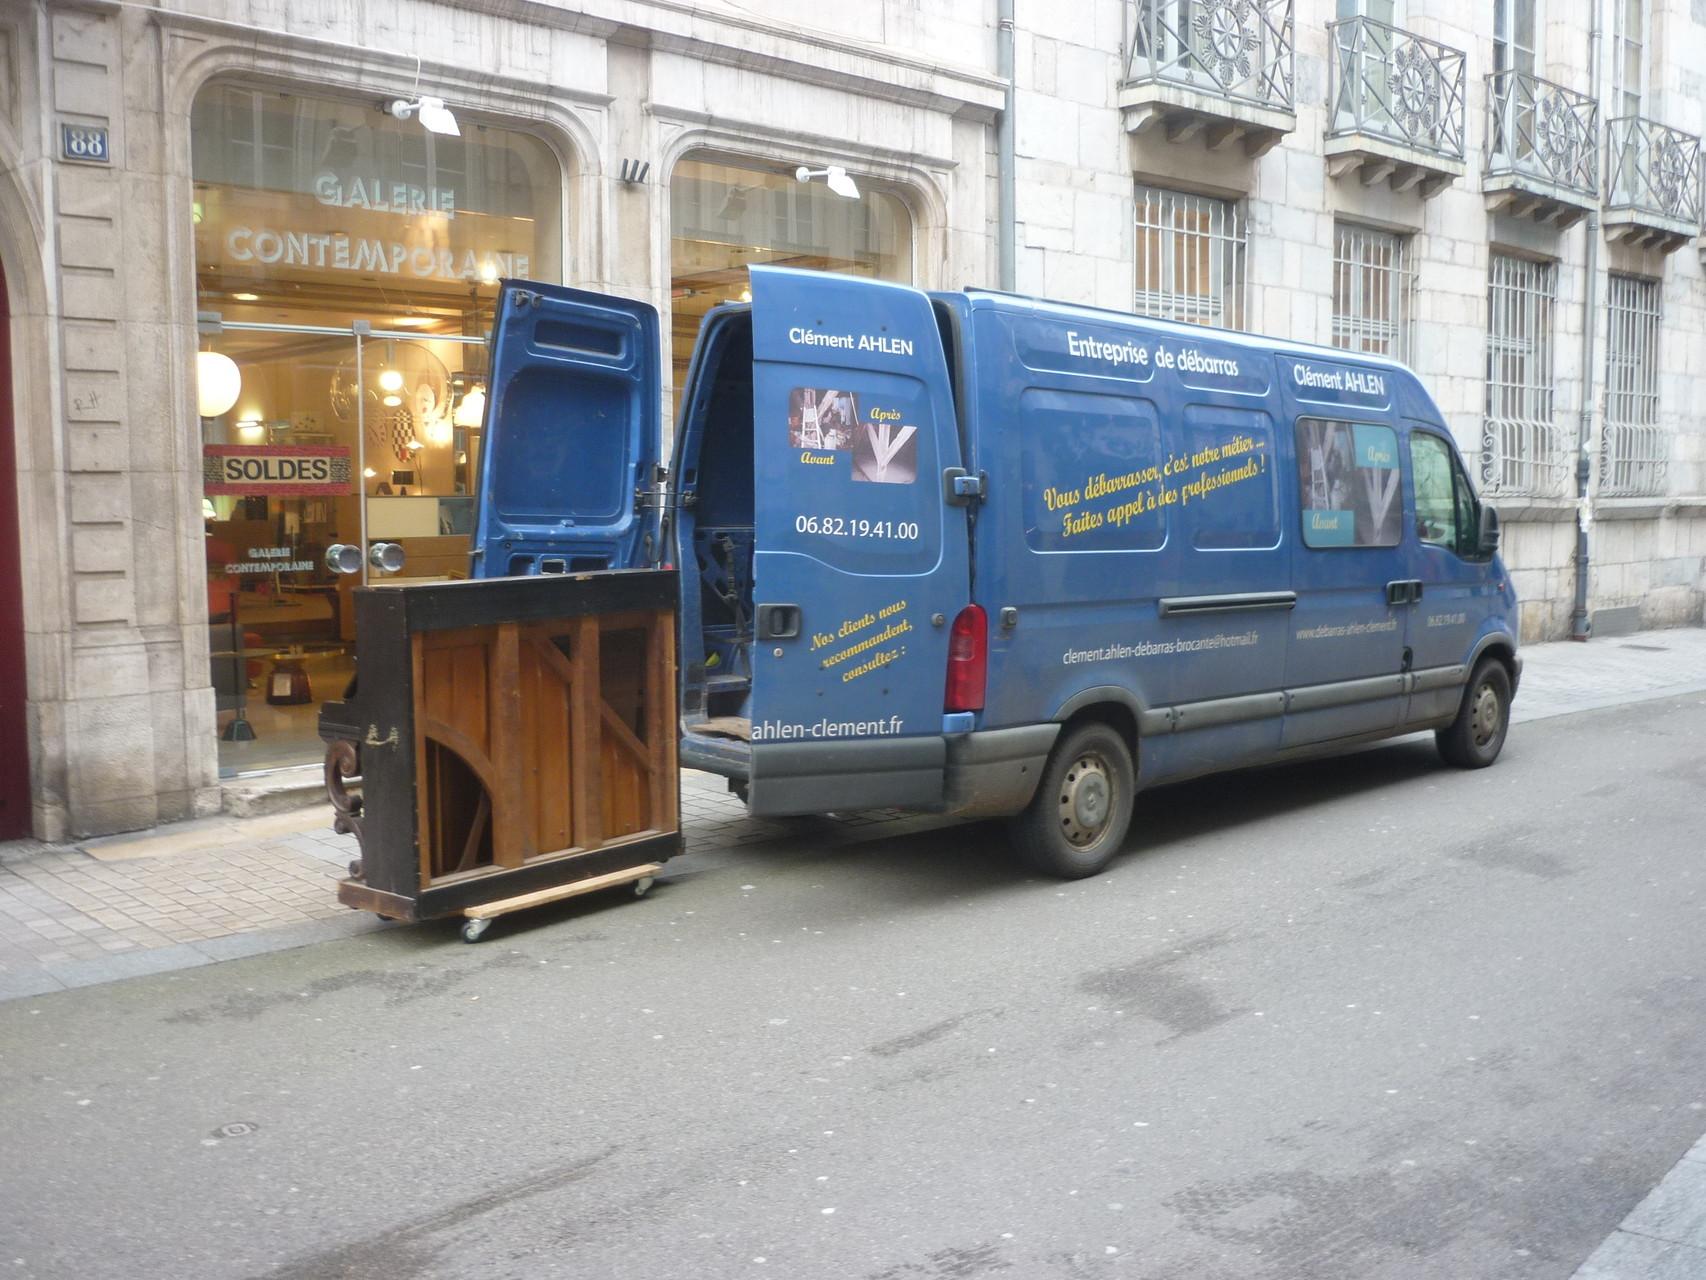 Enlèvement d'un piano à Besançon, Devis et renseignements gratuits: 06 82 19 41 00